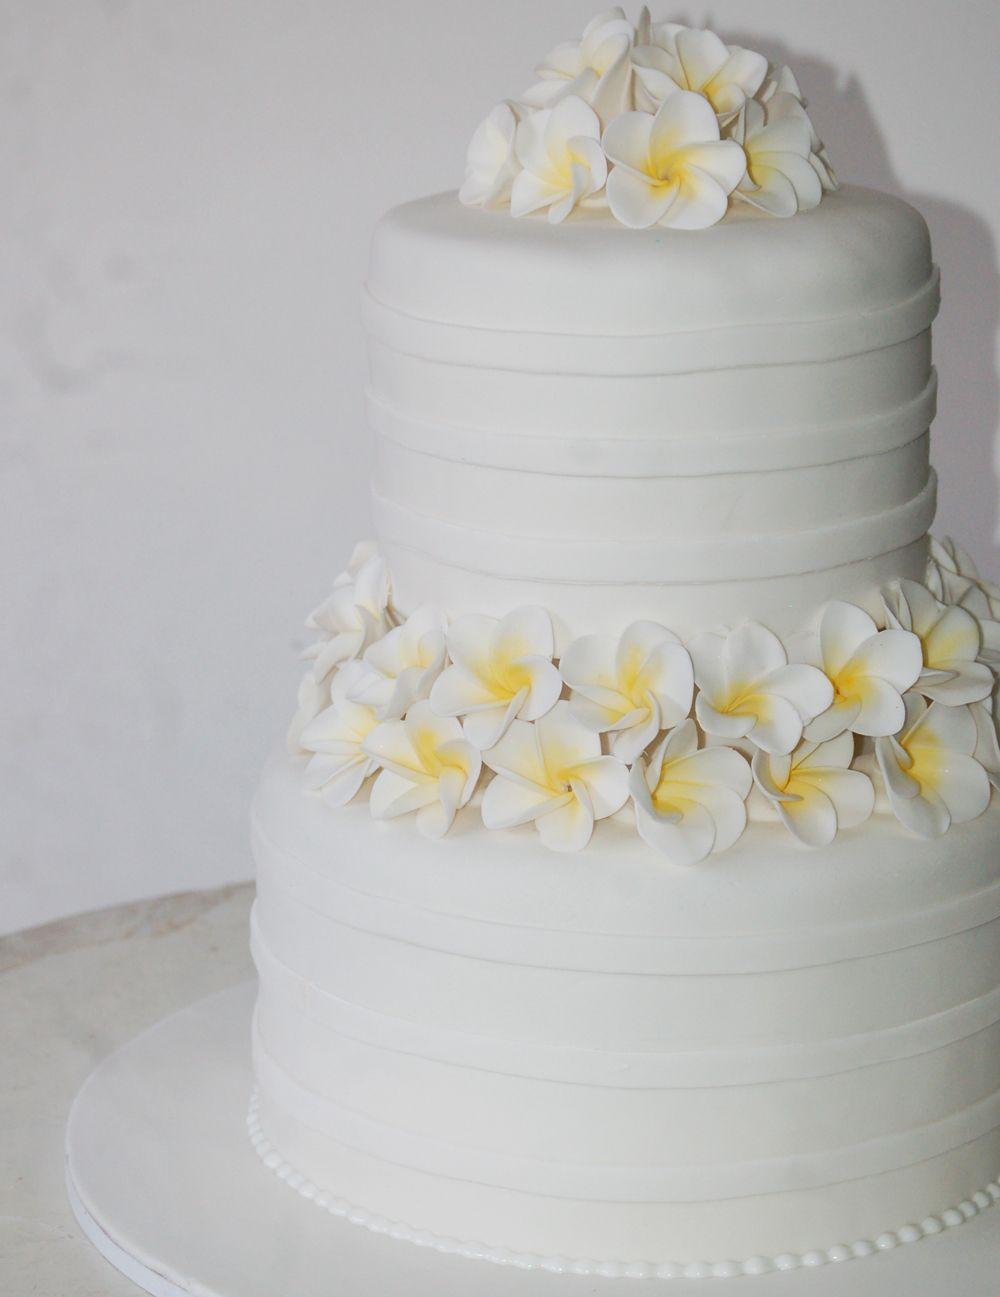 Bali wedding cake with frangipanis. http://www.ixoracakes.com/ ixora ...